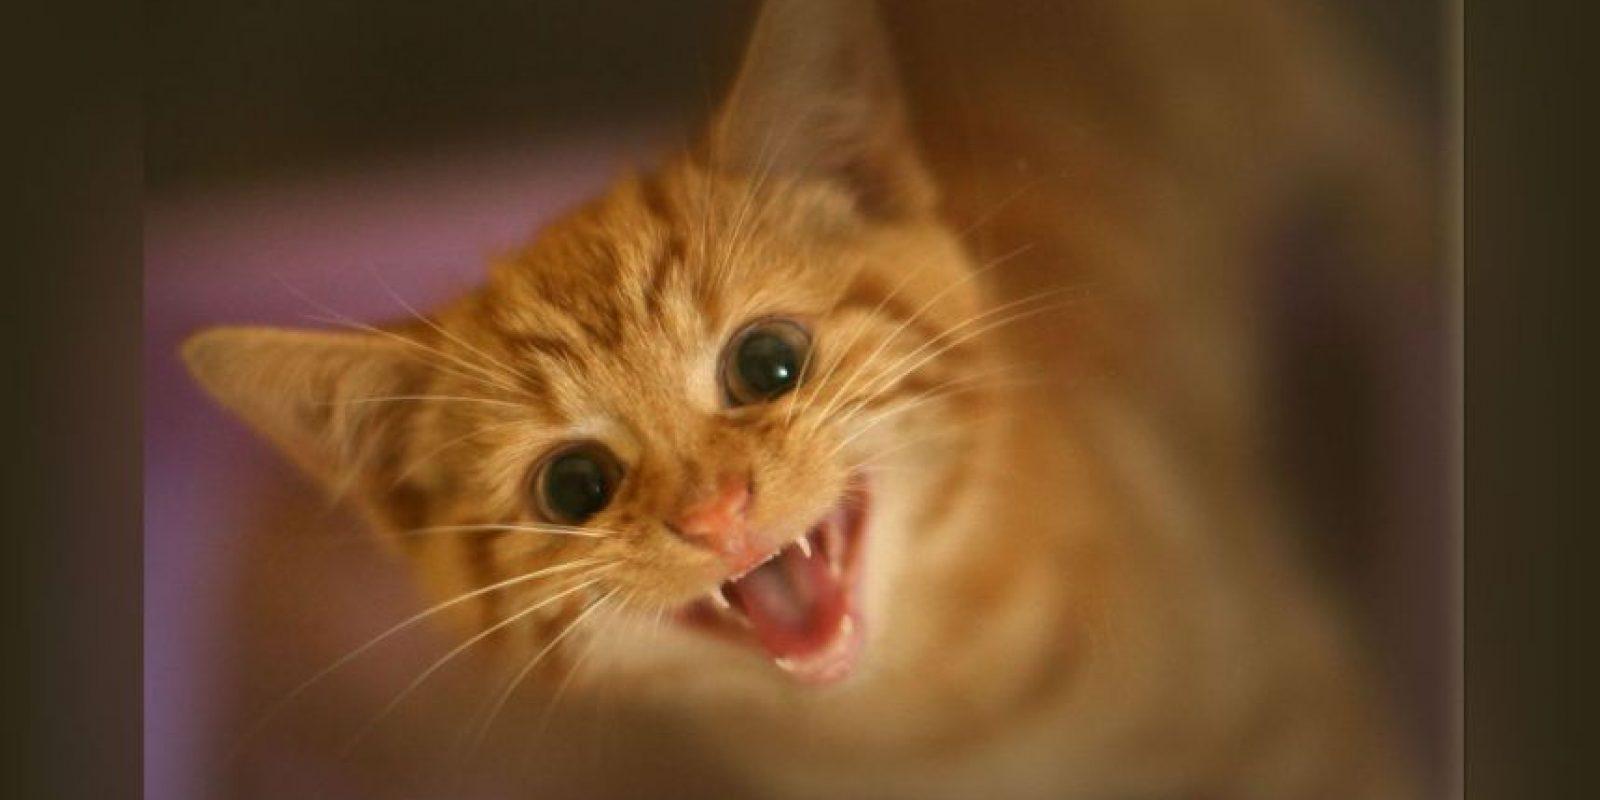 Los gatos cazan aunque no tengan hambre. Foto:Getty Images. Imagen Por: